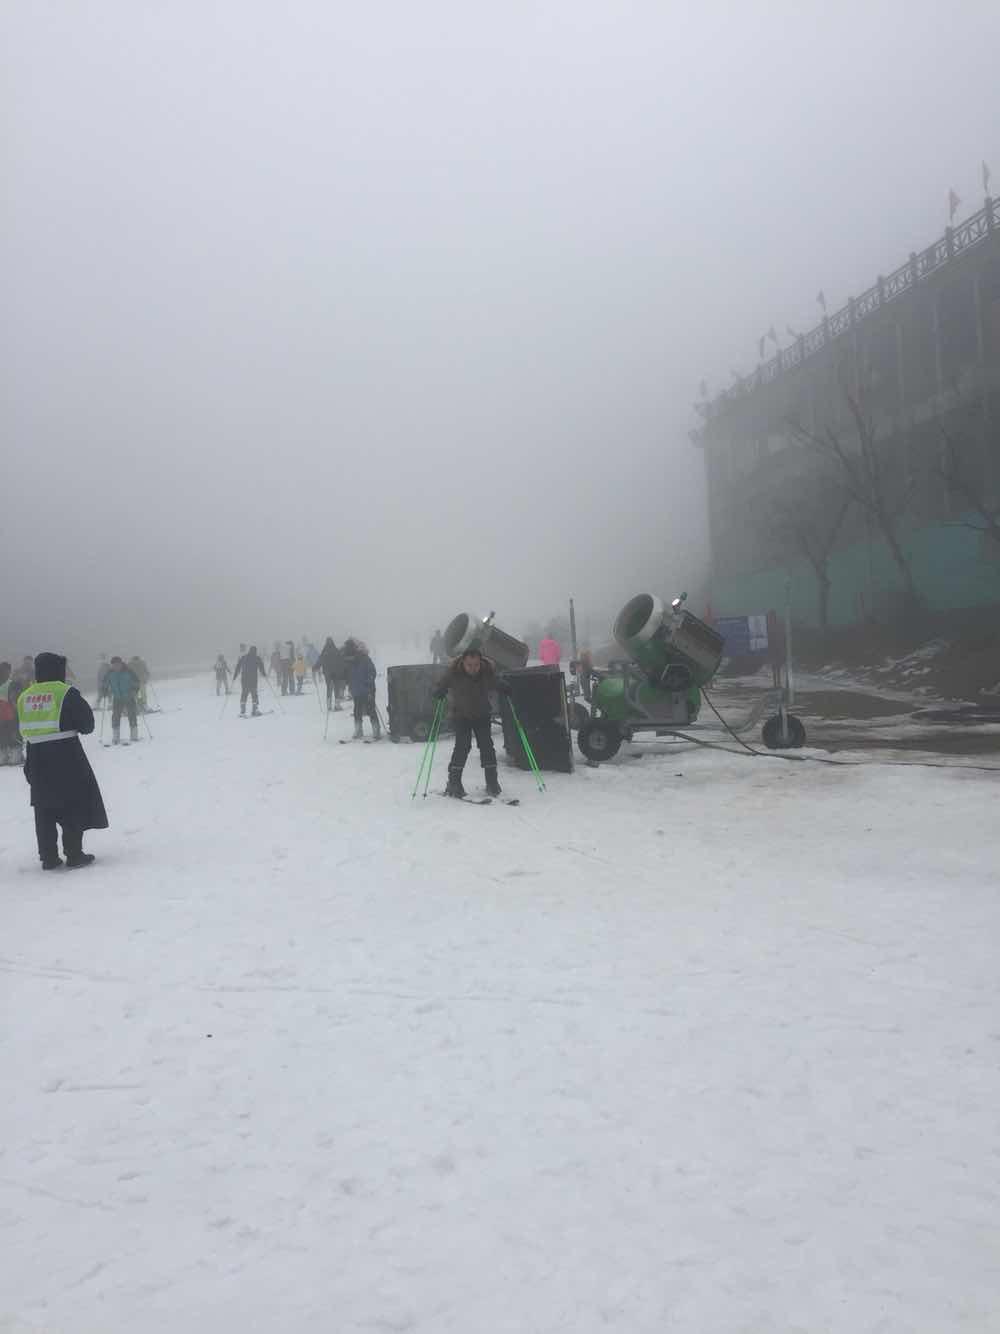 享江南天池滑雪,观江南天池景区,住安吉君澜度假酒店 双早 赠送安图片